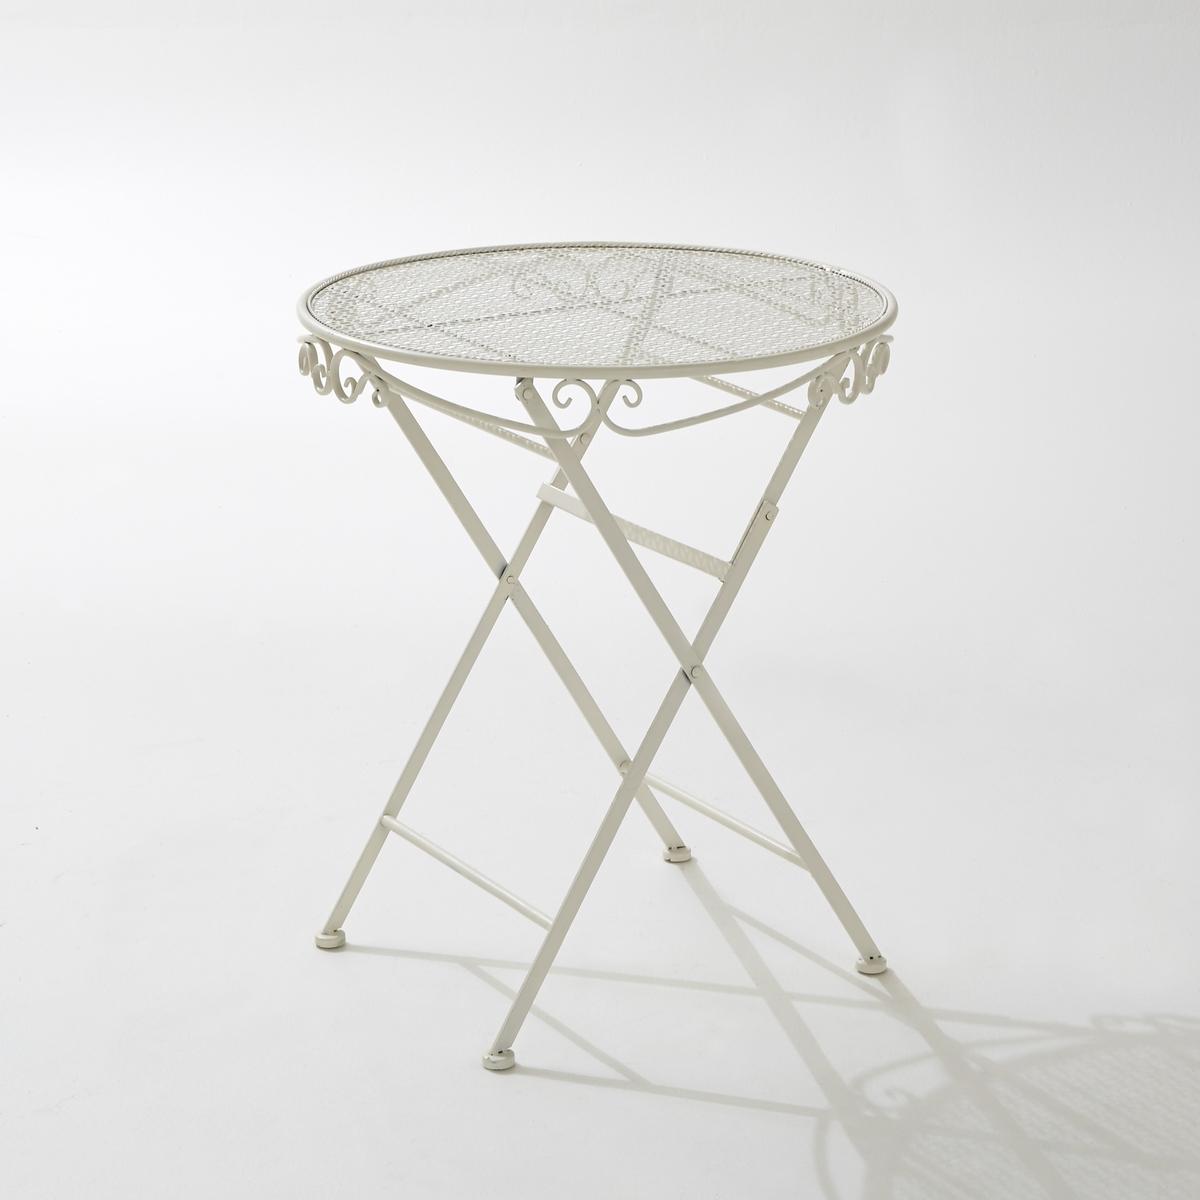 Столик садовый складной, из перфорированного металла